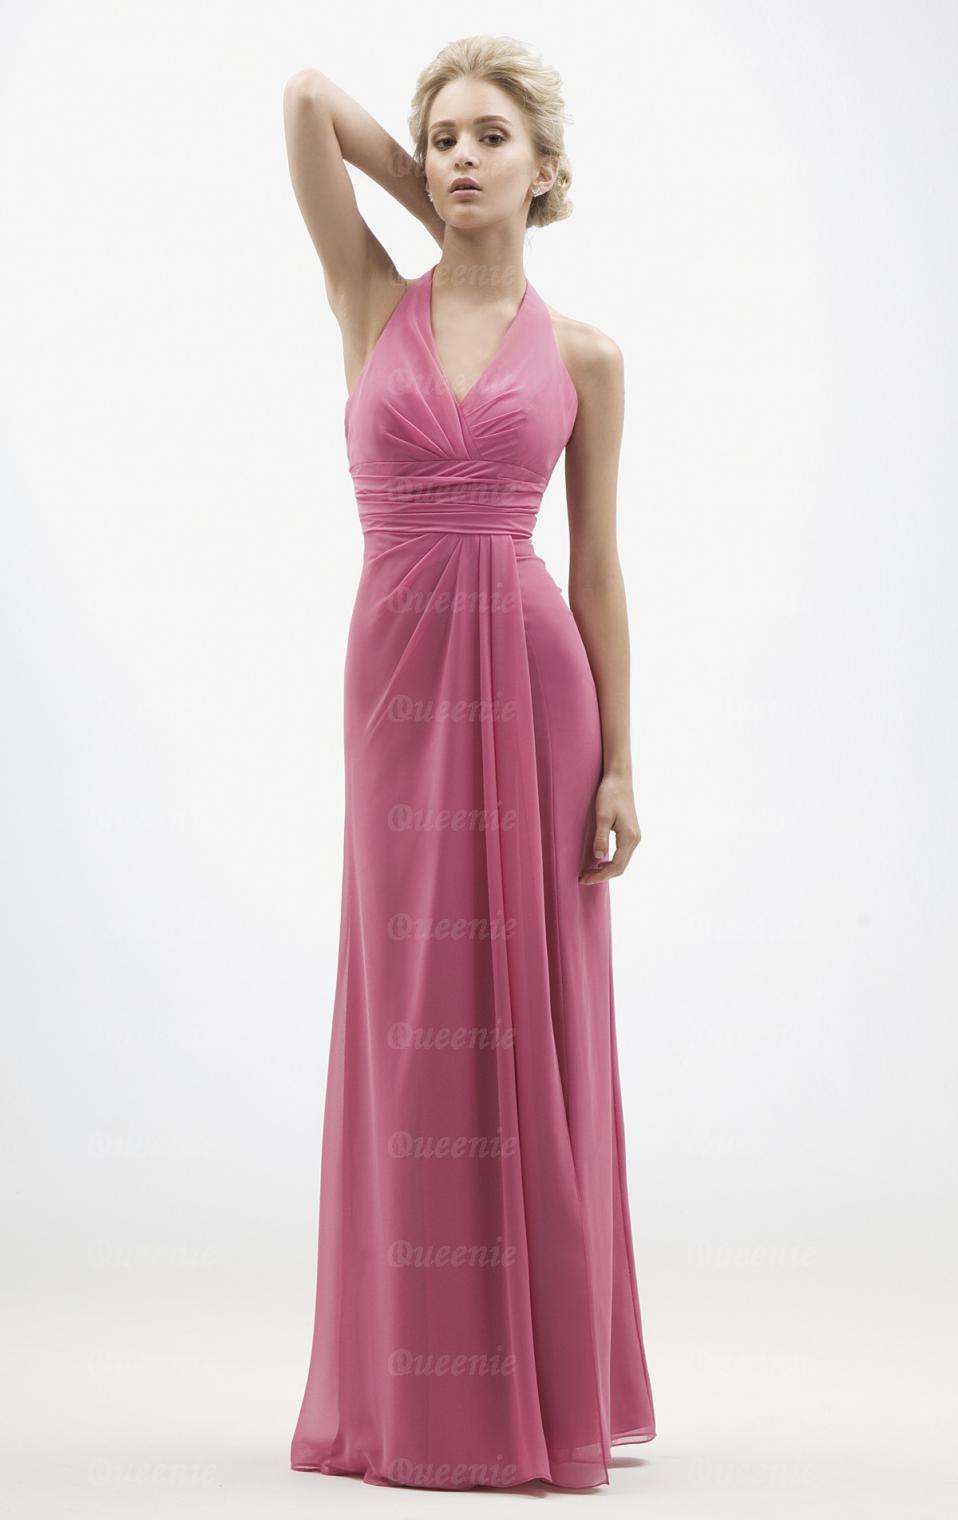 17 Schön Abendkleider Altrosa Stylish20 Wunderbar Abendkleider Altrosa Boutique